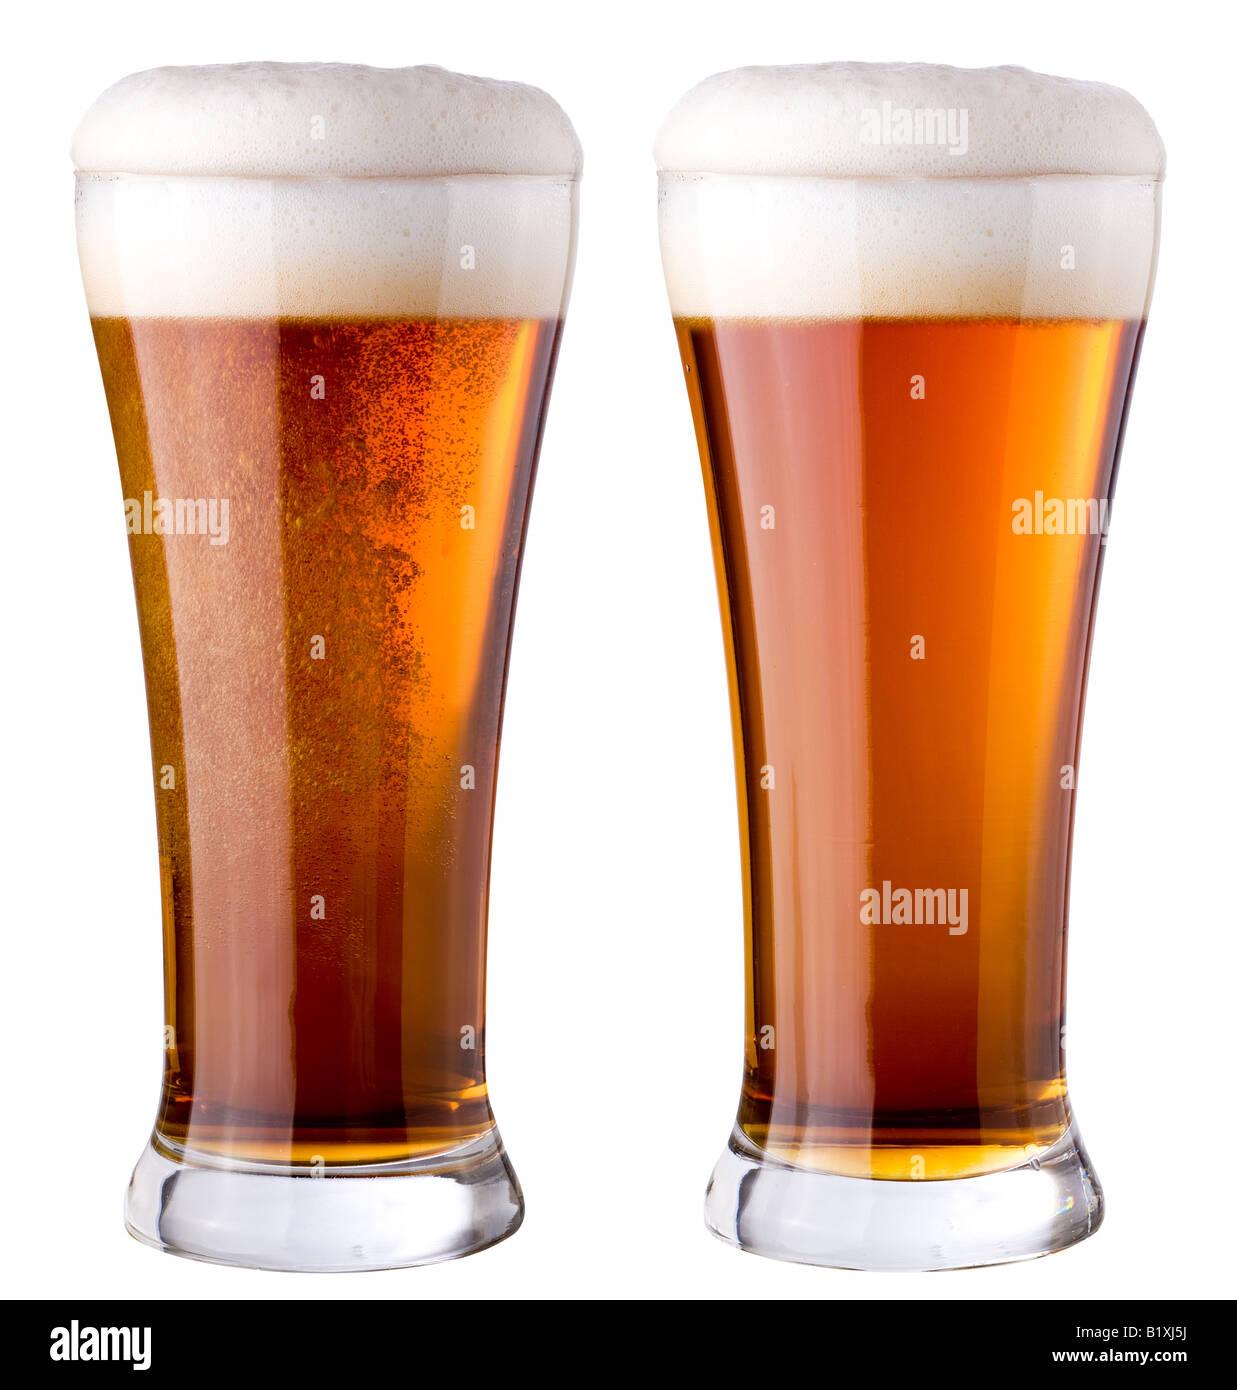 Dark beer - Stock Image